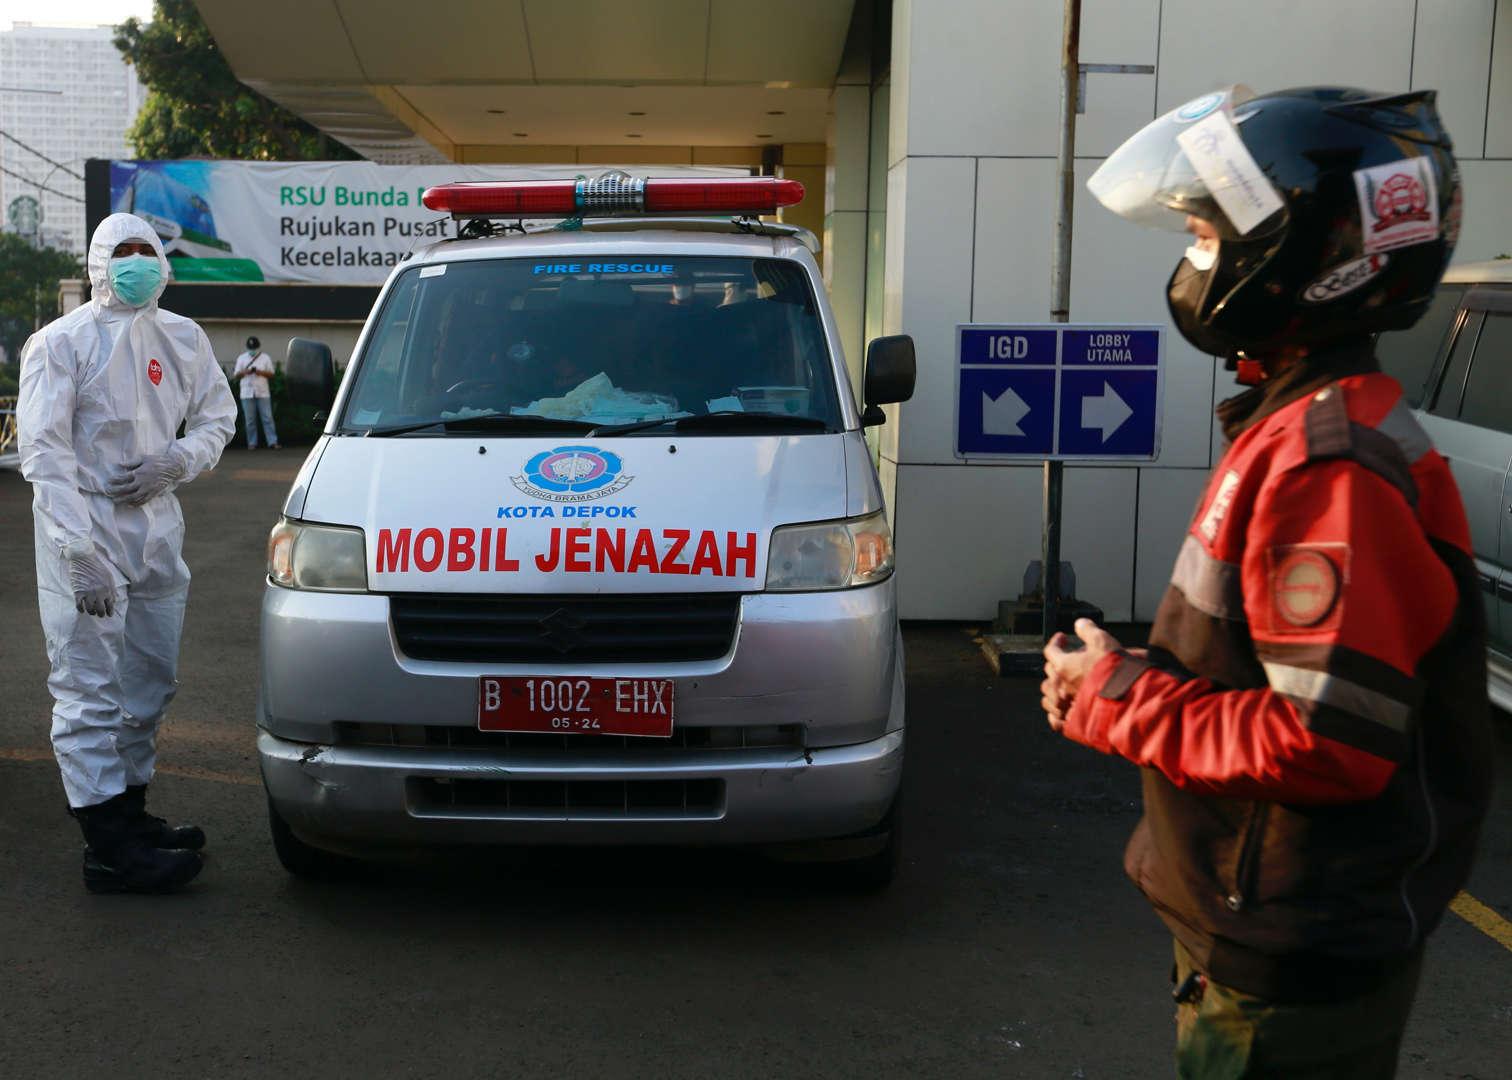 Đội motor tình nguyện dẫn đường cho xe cấp cứu giữa mùa dịch Covid-19